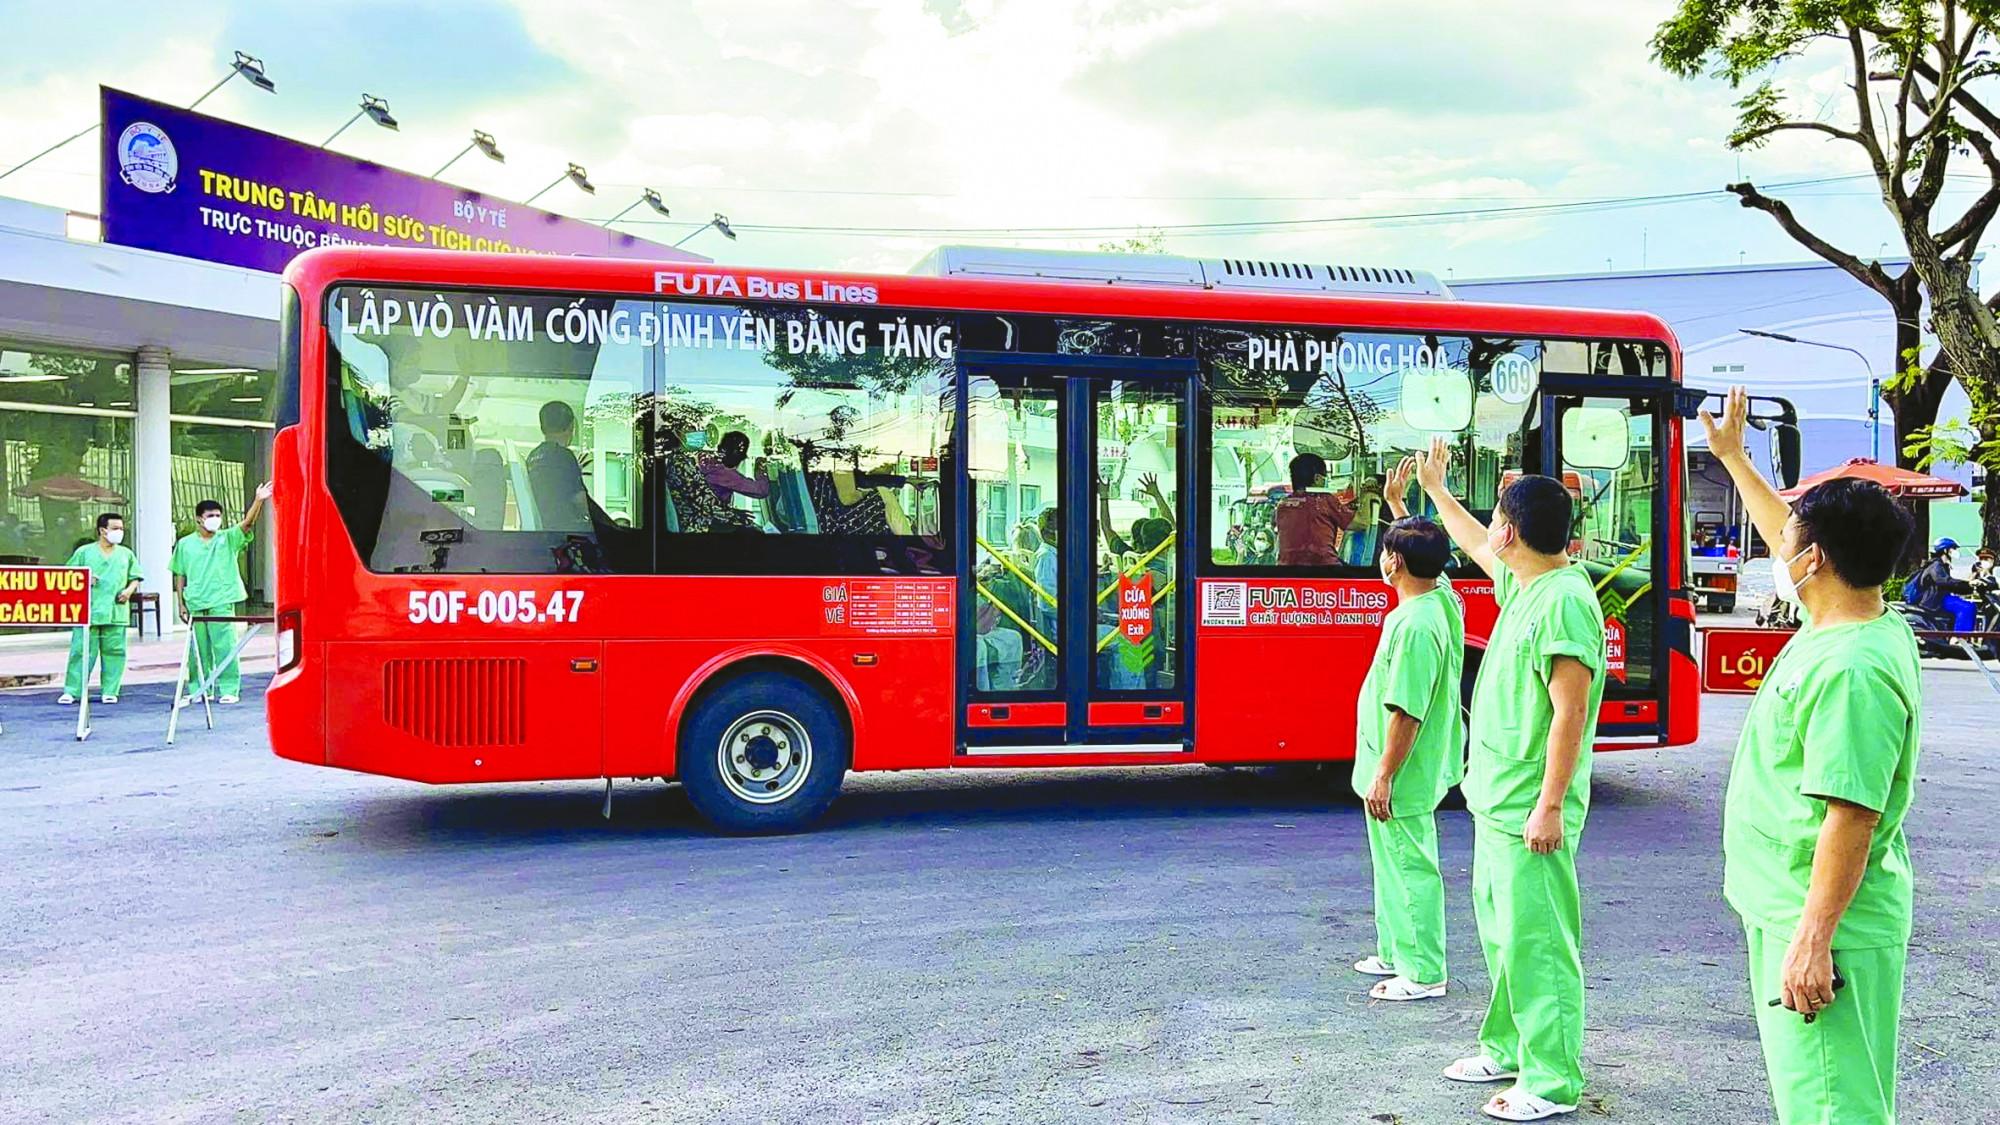 Bác sĩ Trung tâm Hồi sức tích cực người bệnh COVID-19 trực thuộc Bệnh viện Trung ương Huế tại TP.HCM (phường Tây Thạnh, quận Tân Phú) vẫy tay chào tạm biệt các bệnh nhân xuất viện trở về với gia đình chiều 15/9/2021 ẢNH: HOÀNG HÙNG